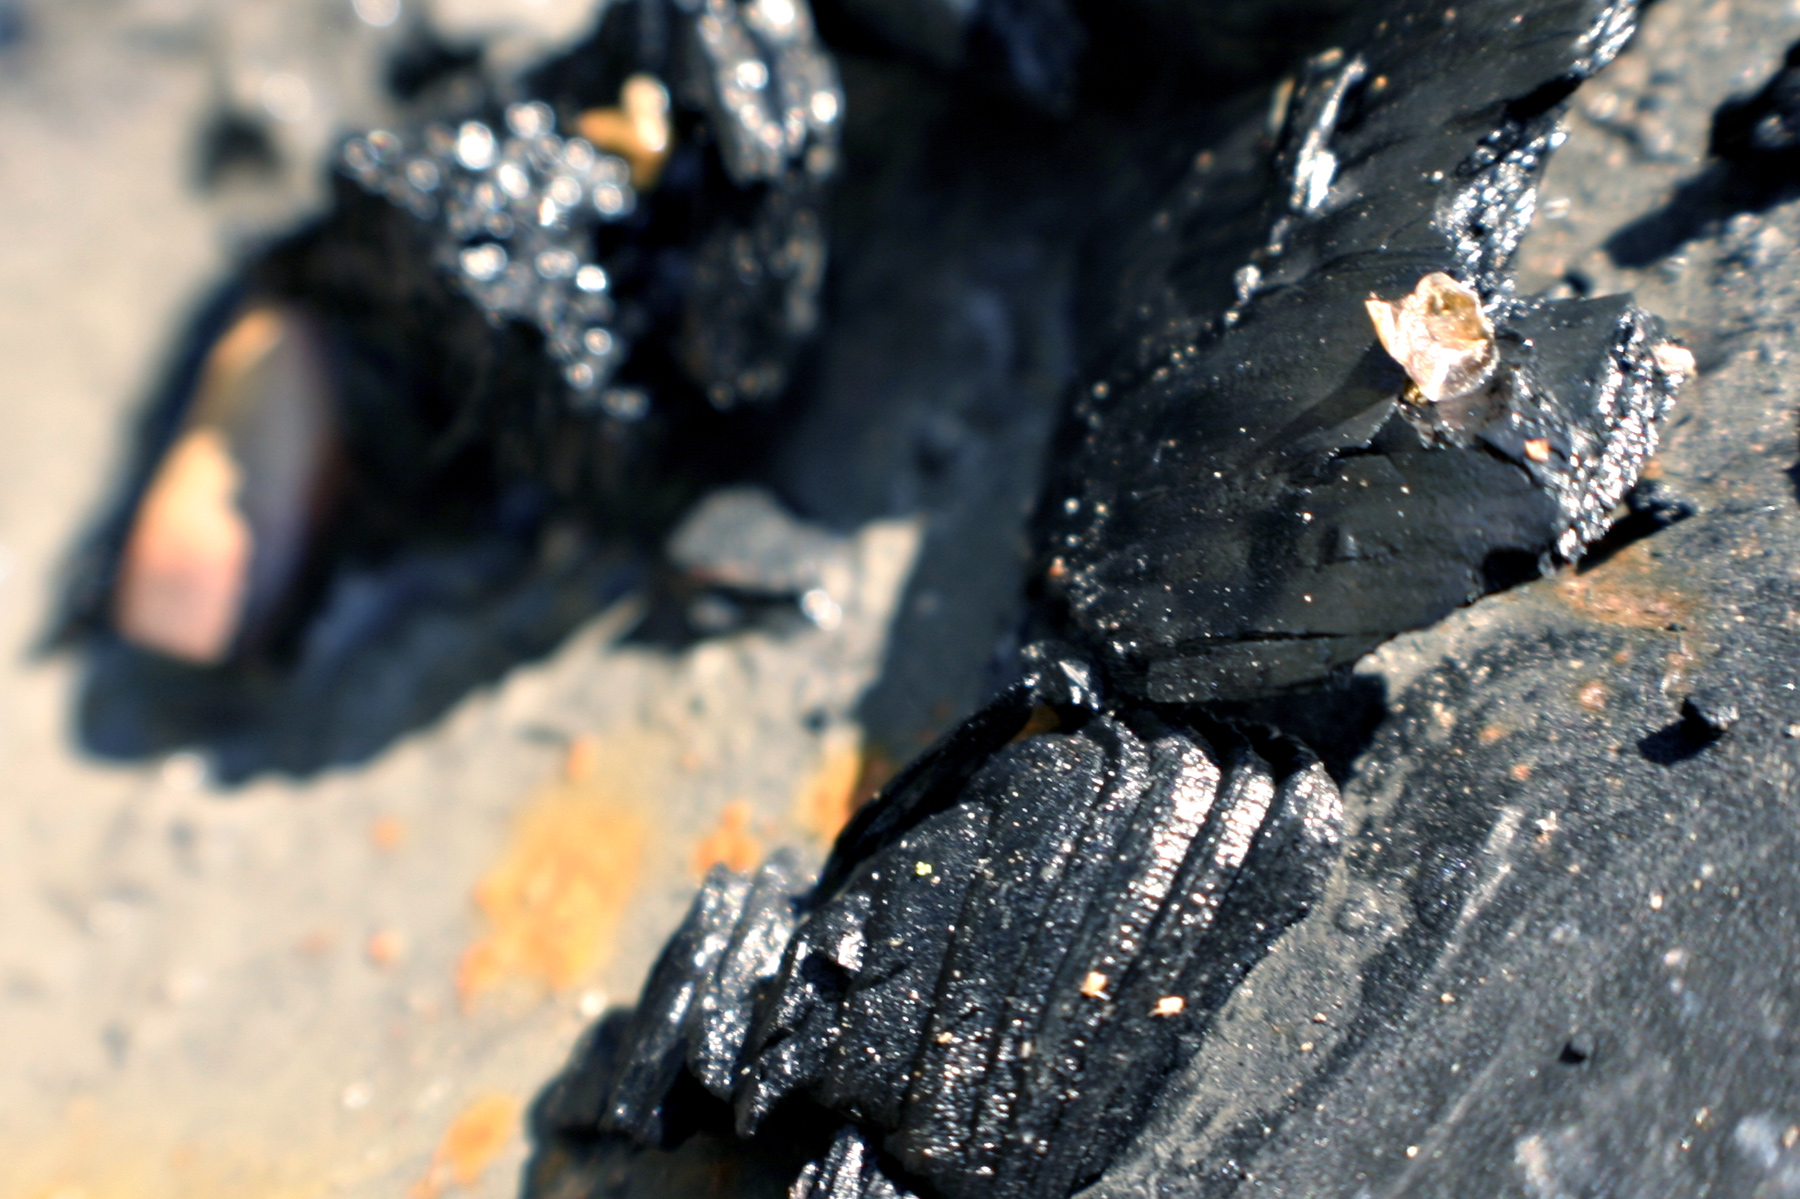 Burned wood, Black, Focus, Texture, Tree, HQ Photo